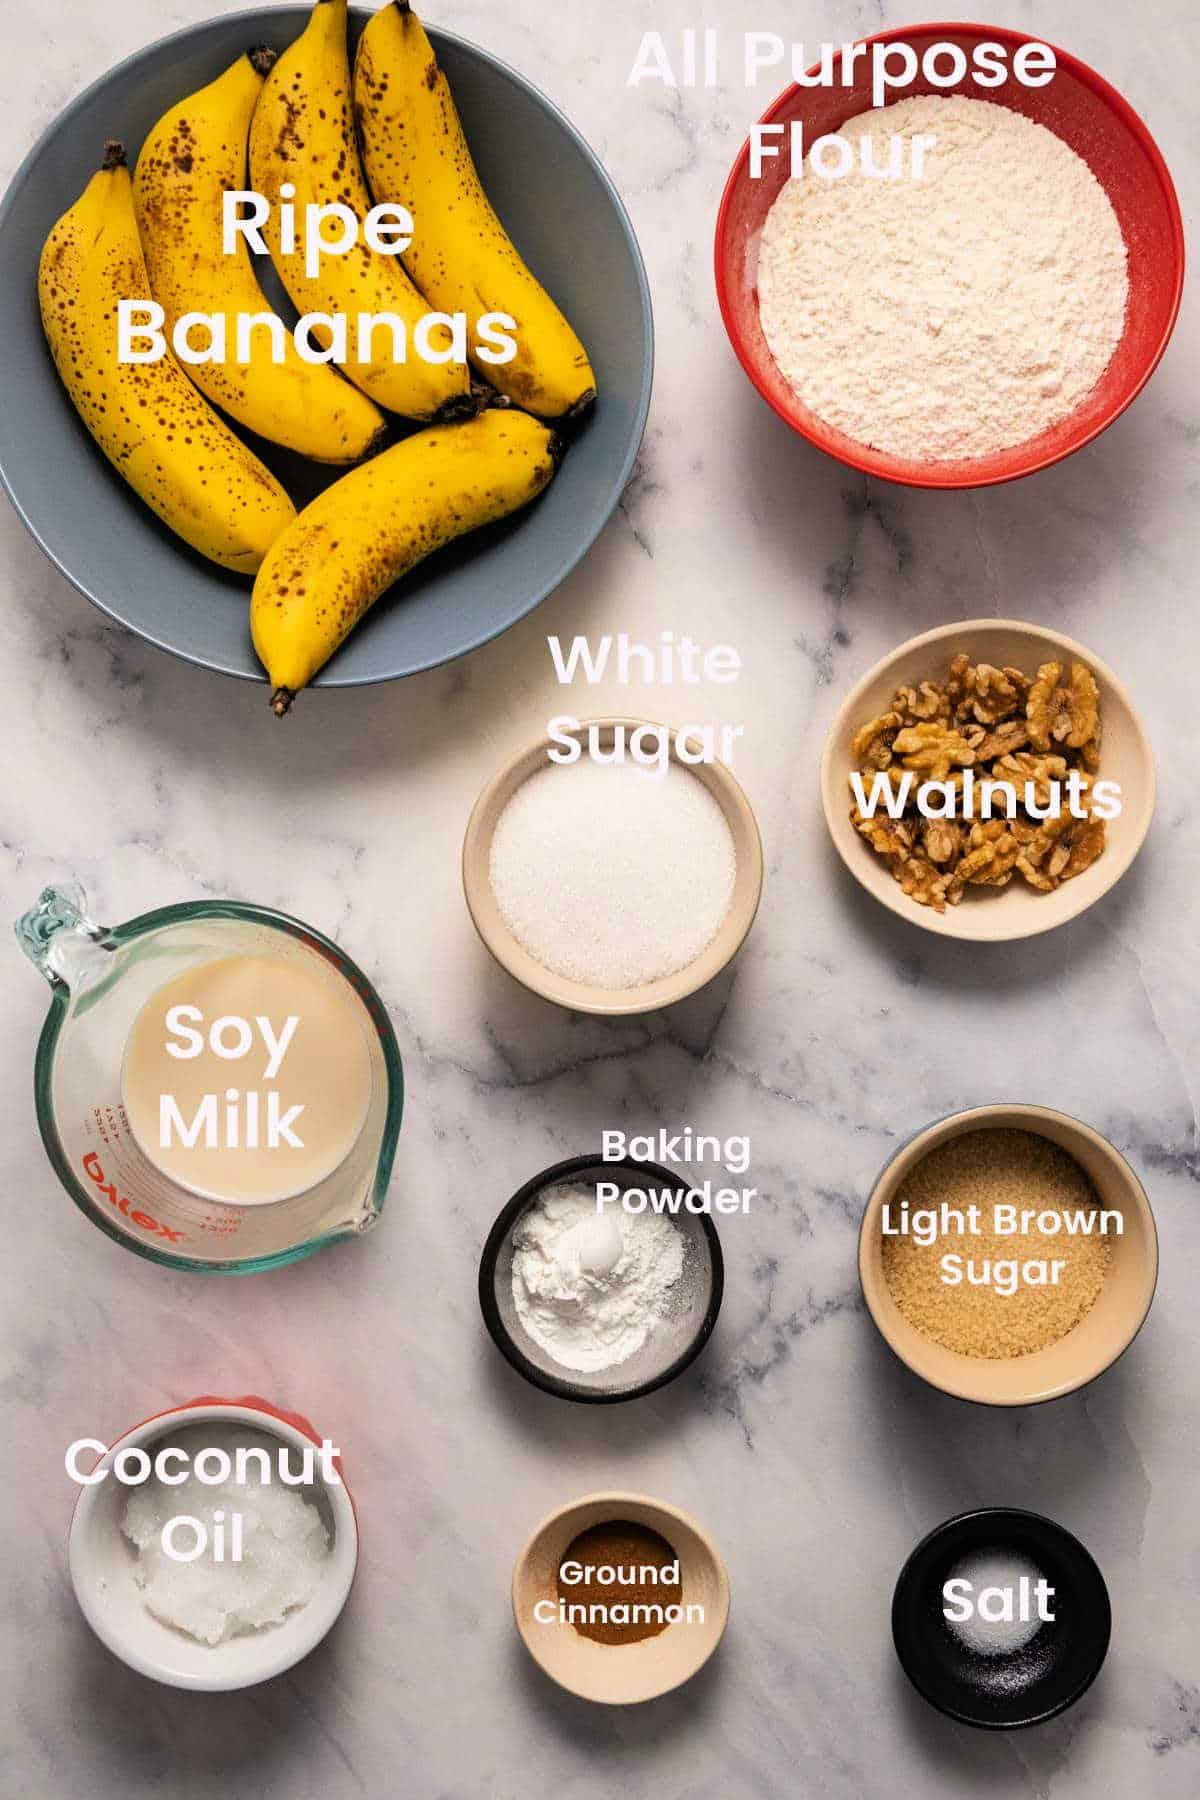 Ingredients to make vegan banana bread.